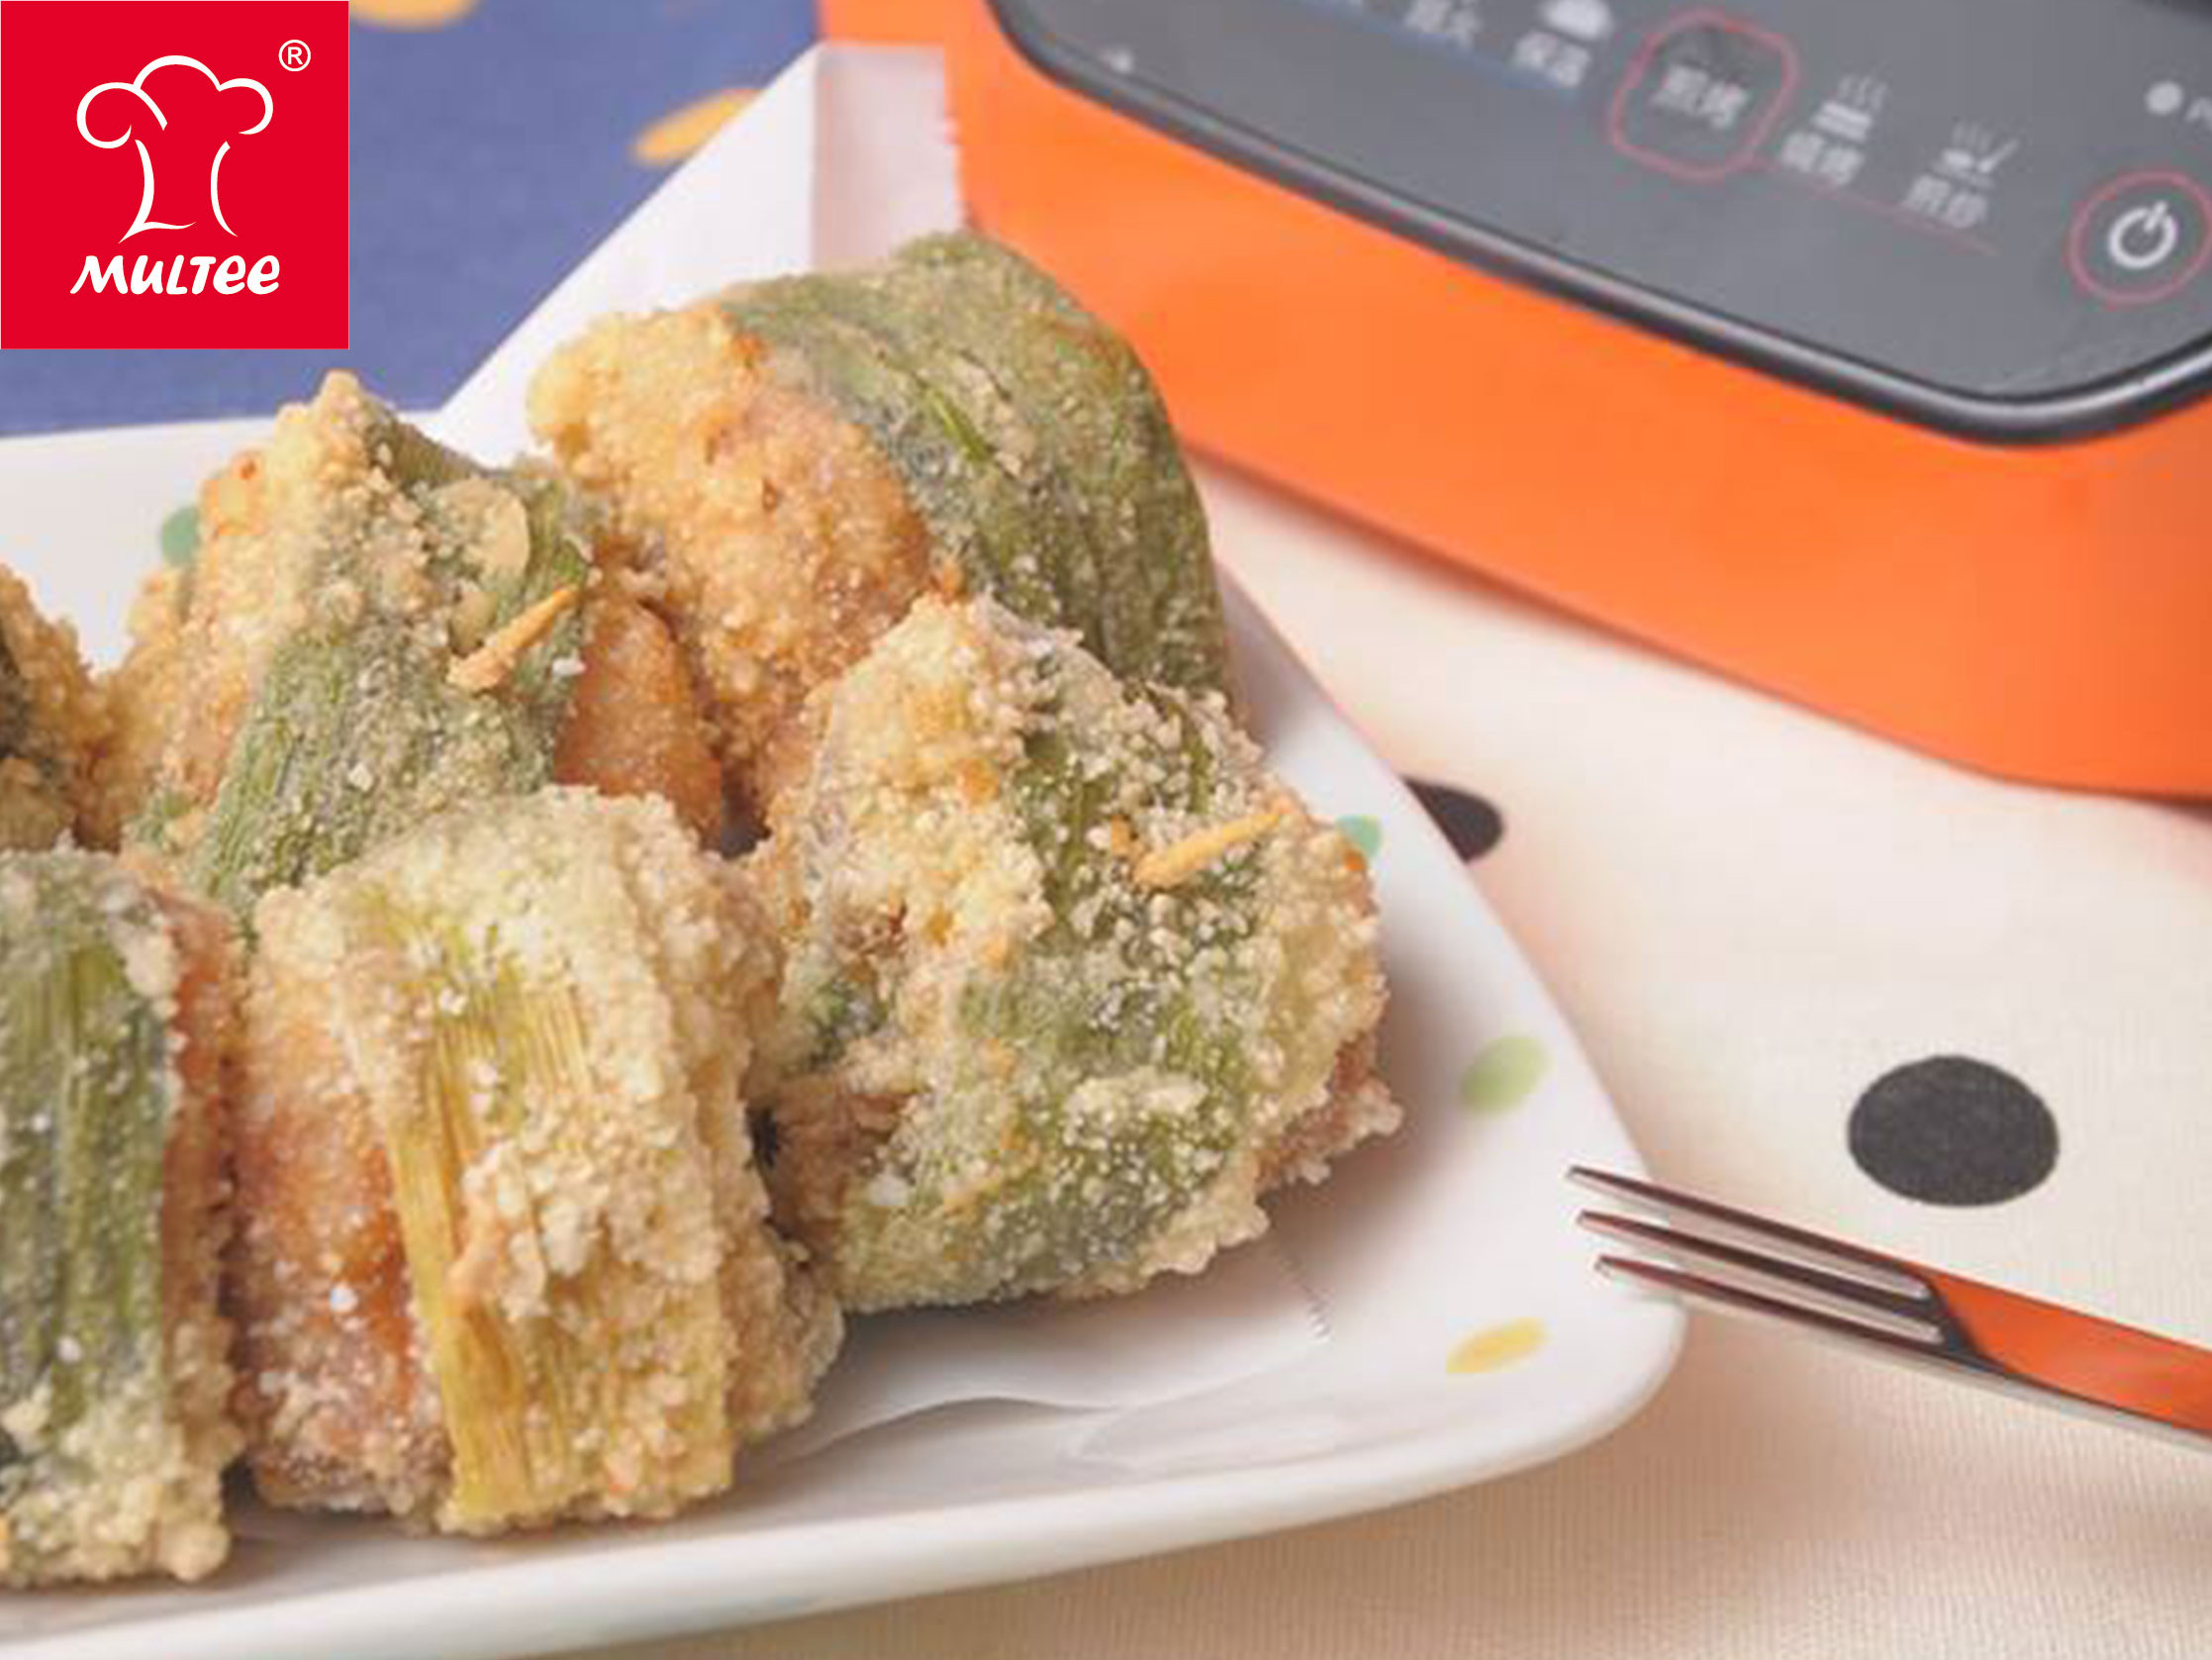 【摩堤_鑄鐵鍋料理】泰式班蘭雞